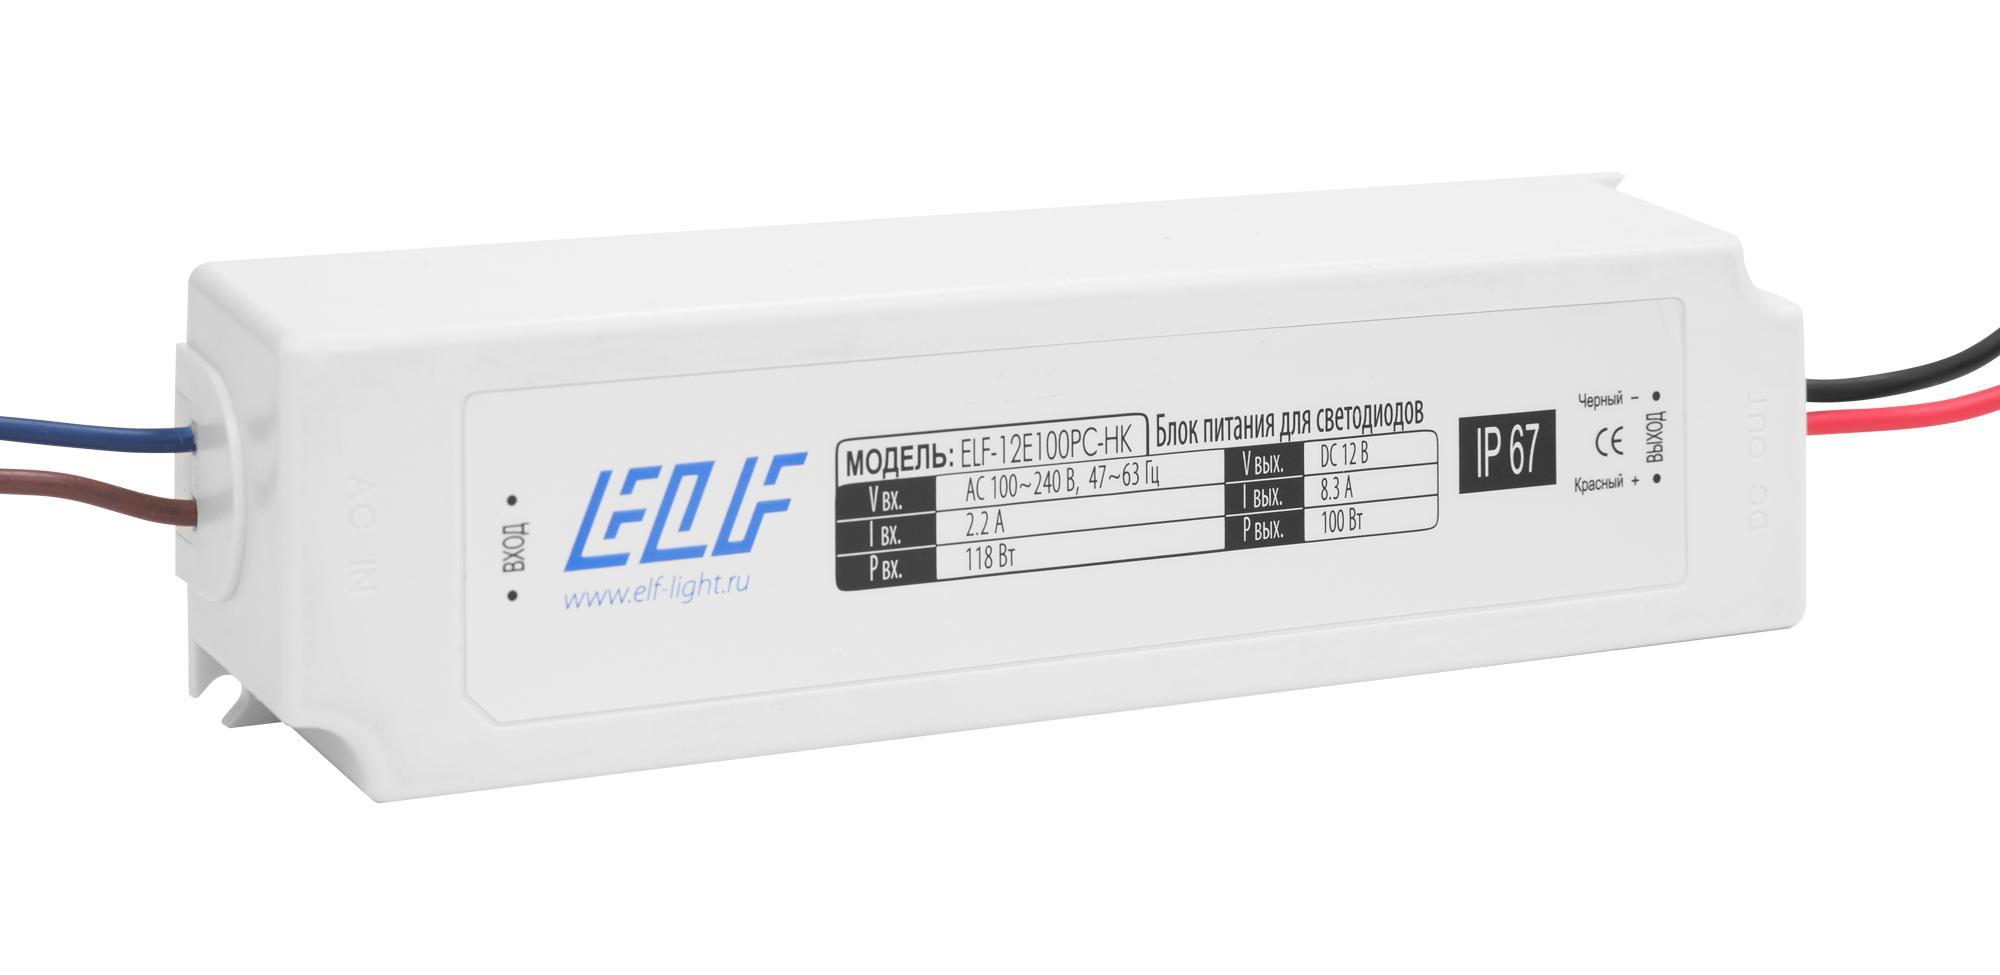 Блок питания Elf 12e100pc-hk